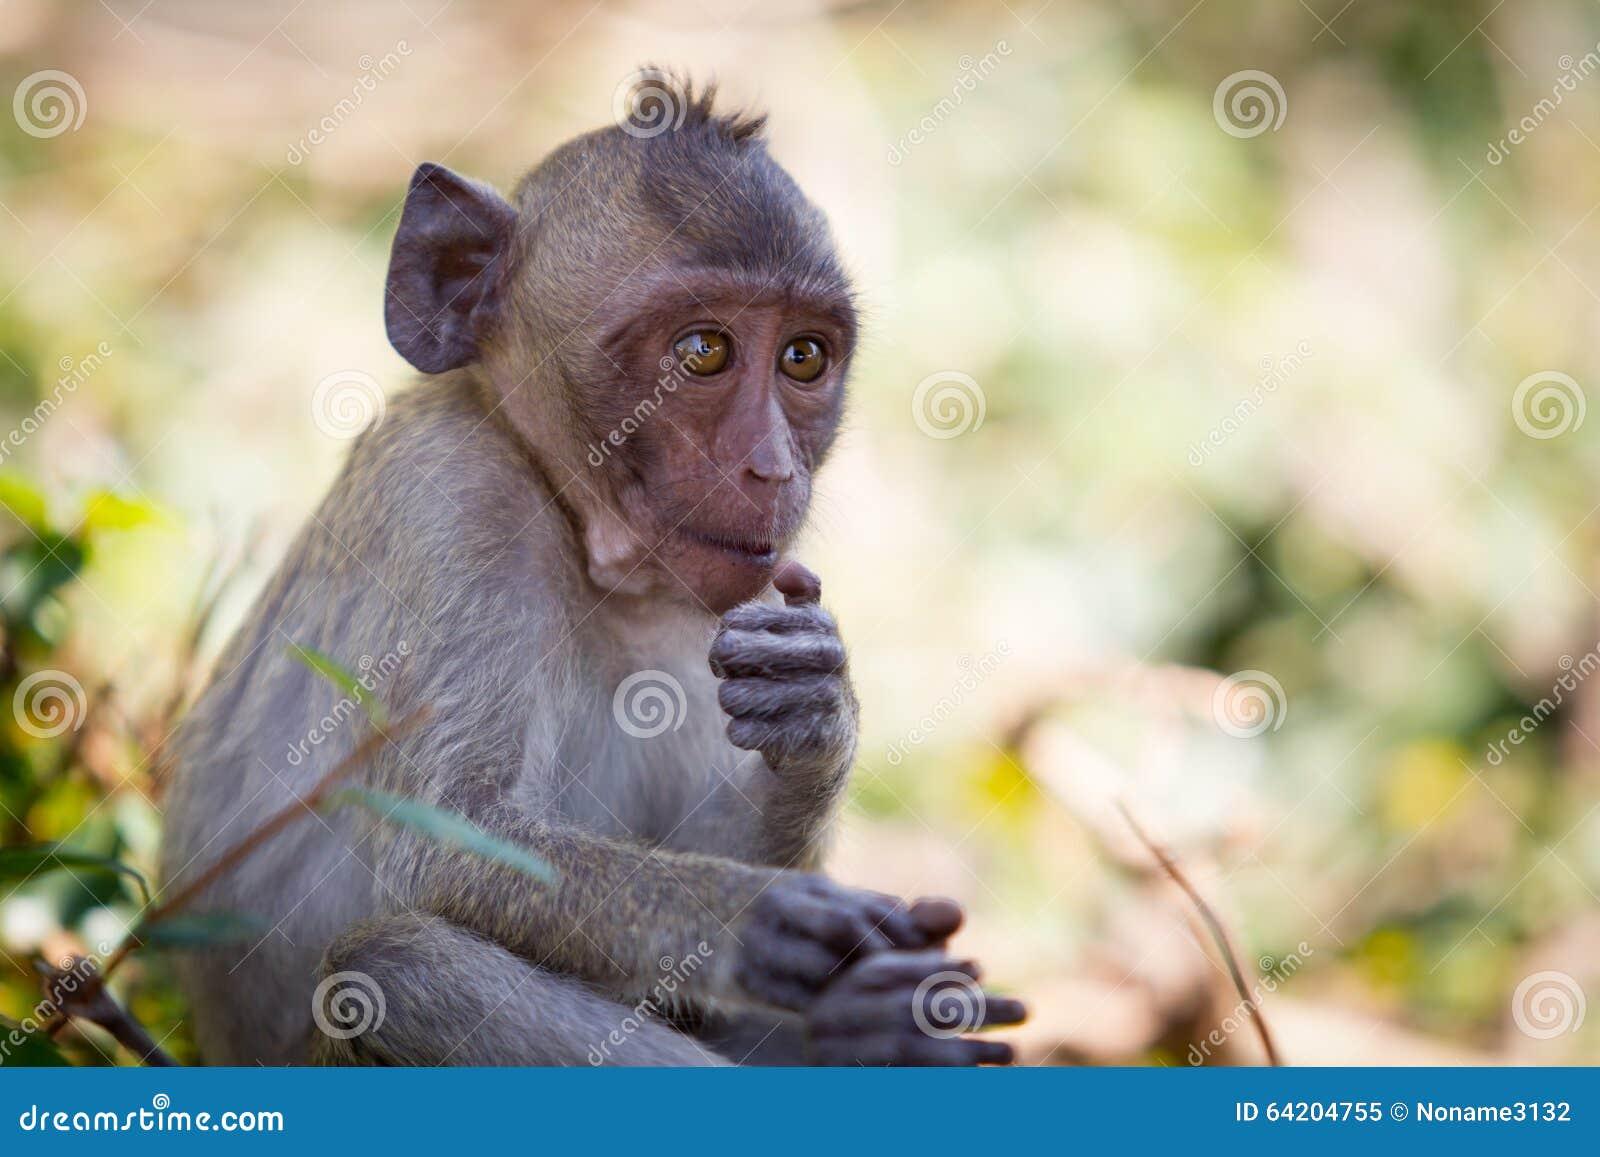 猴子囹�!��:d�yc!y�+�.�9.b9�c9kd_猴子